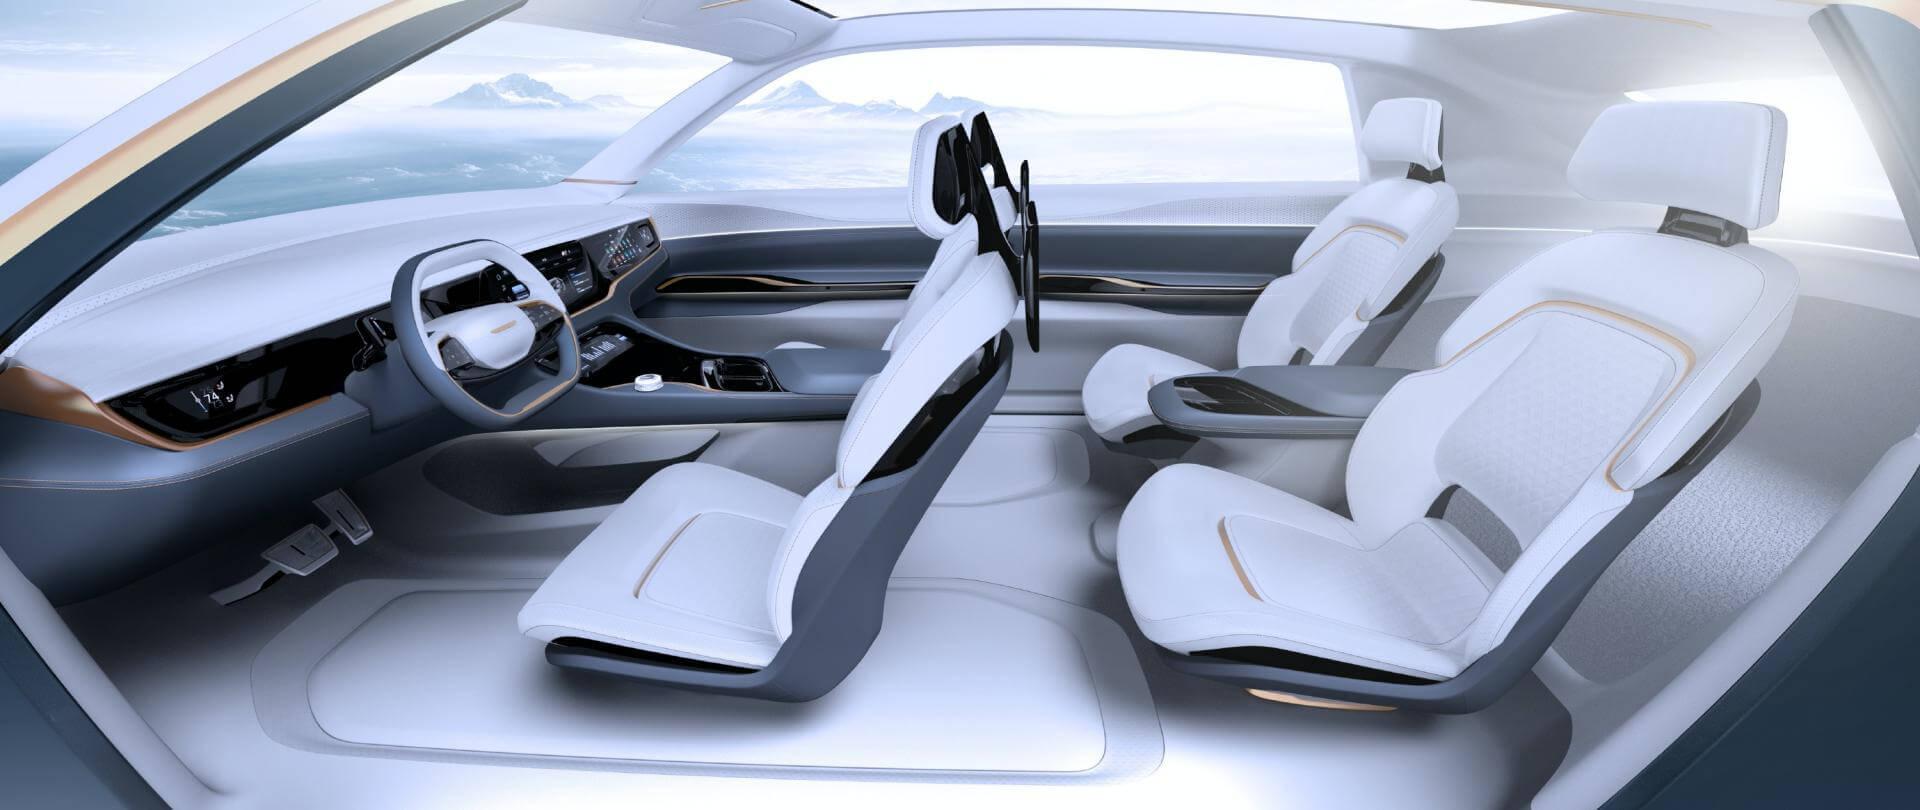 Салон Chrysler Airflow Vision